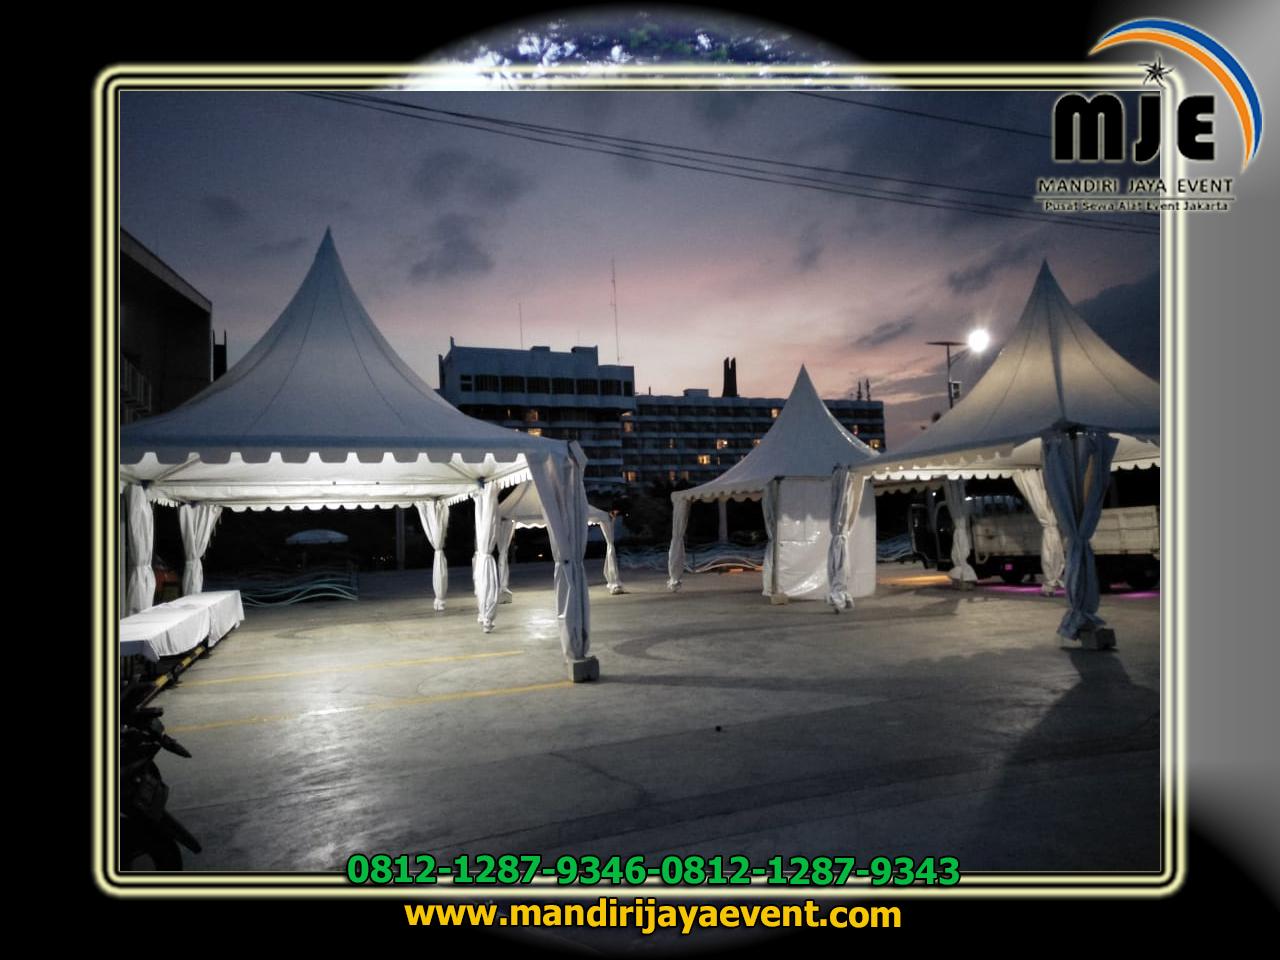 Sewa Tenda Sarnavil 5x5M DKI Jakarta